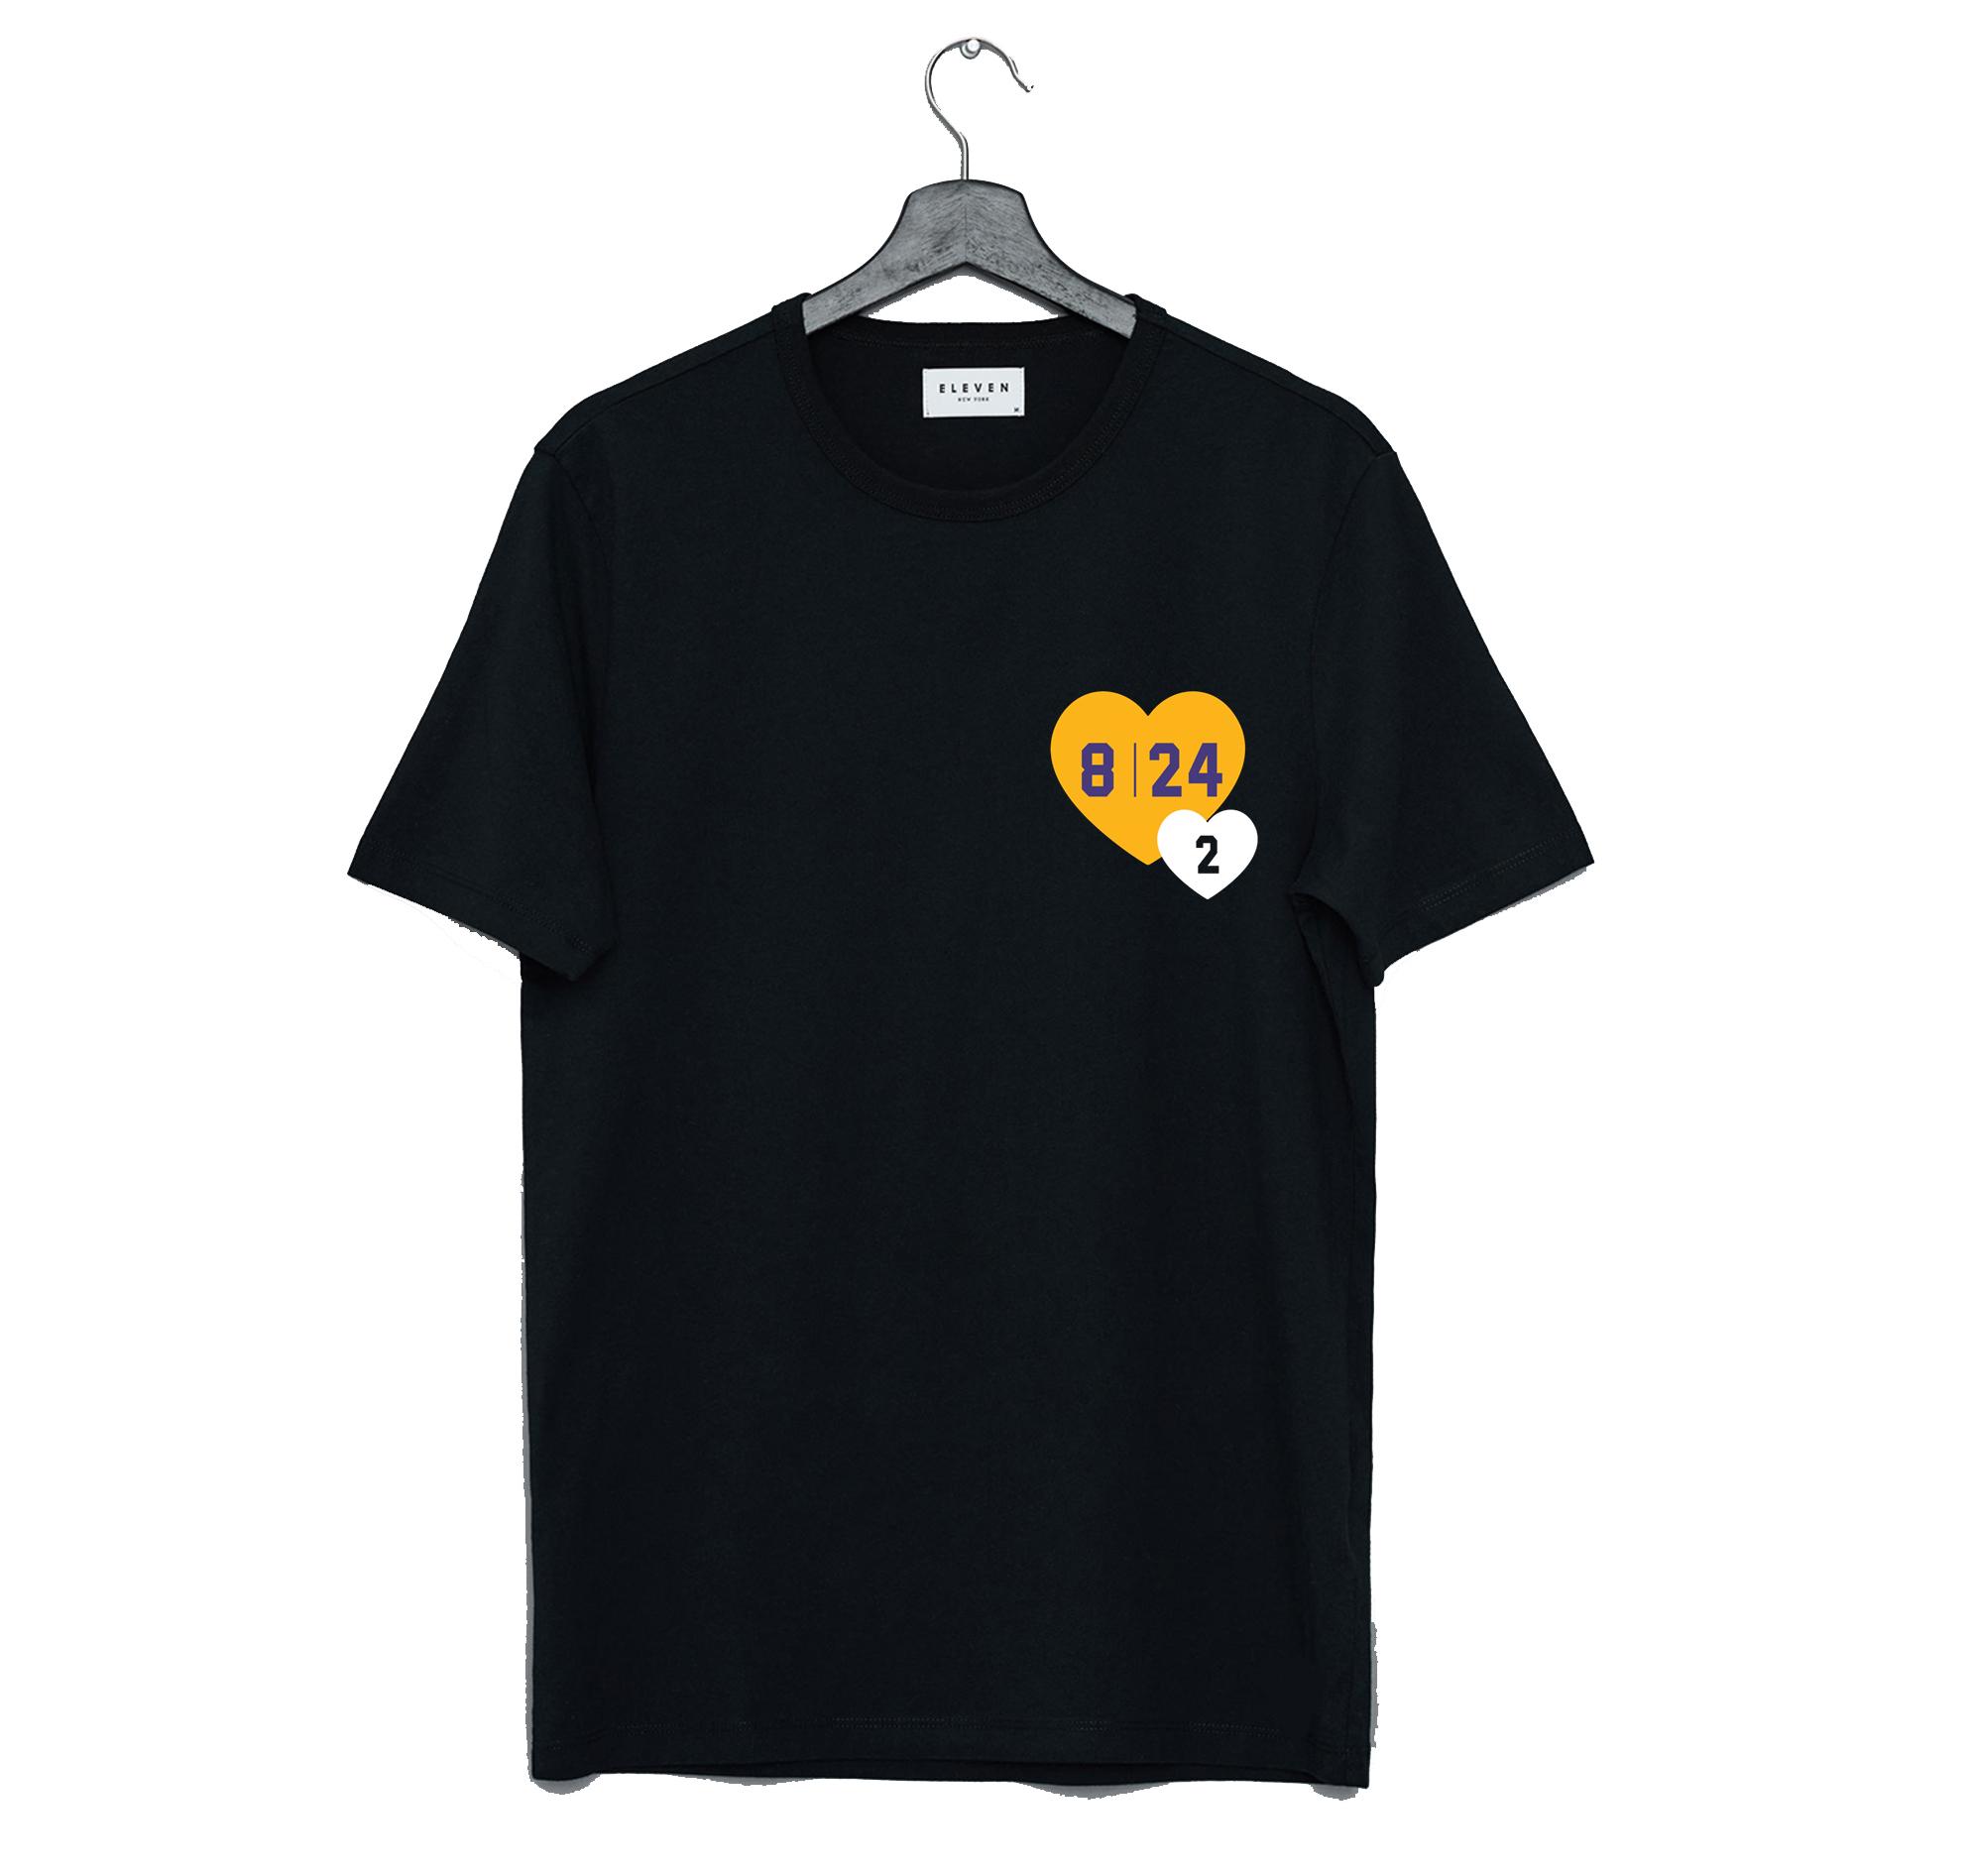 Kobe Bryant Tribute to 8 24 2 T-Shirt